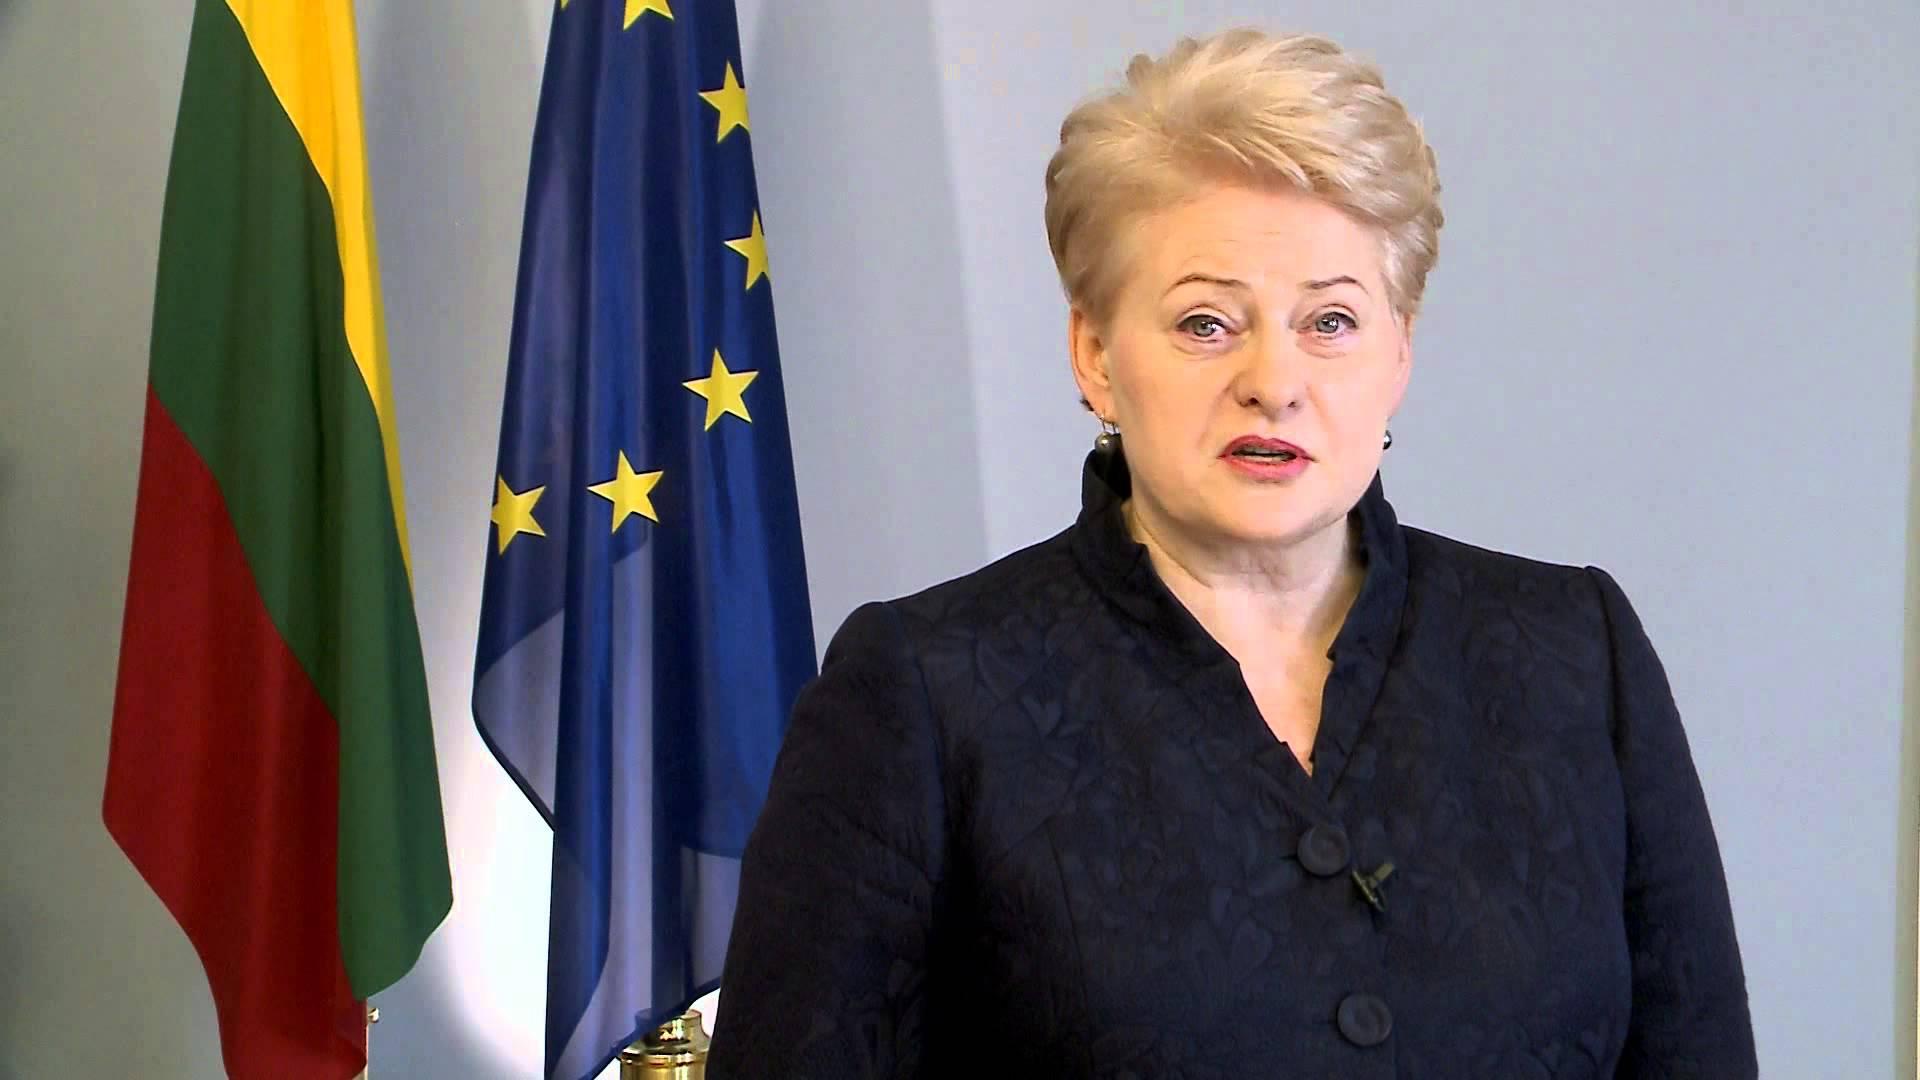 """D.Grybauskaitė: """"Europos Sąjunga - mūsų politinio, socialinio ir gynybinio saugumo garantas"""""""